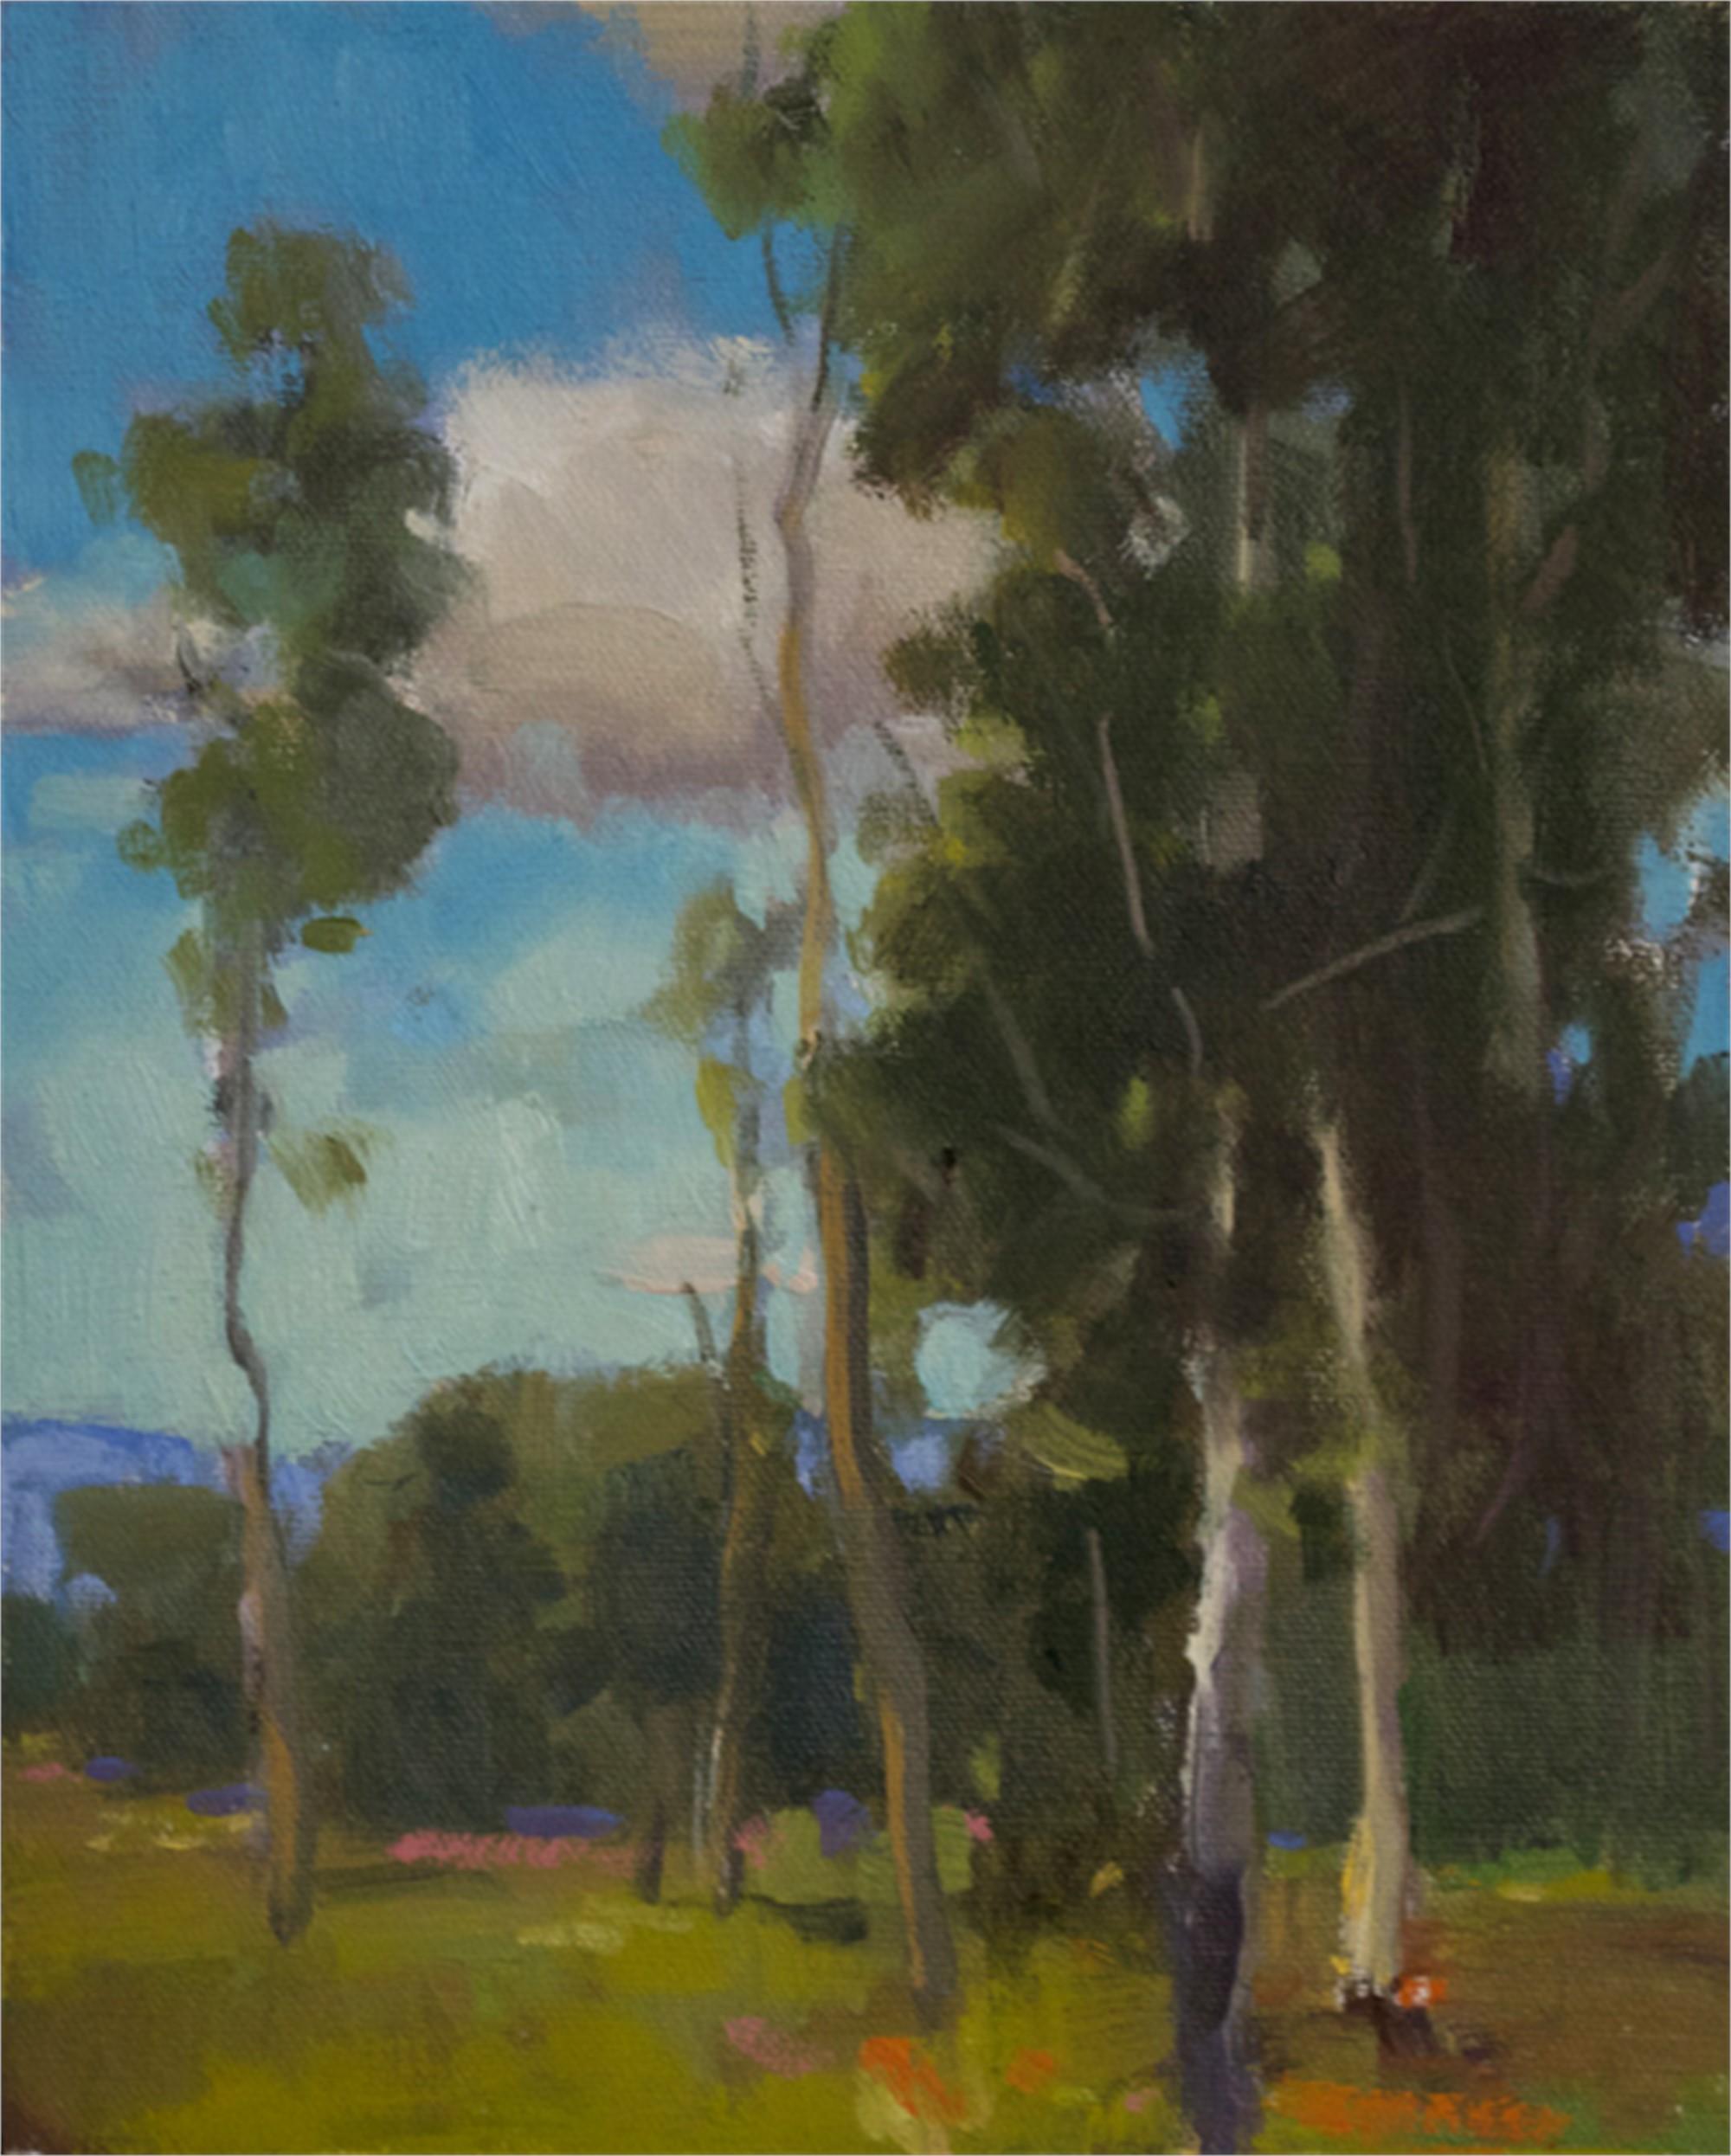 Aspens in June by Samantha Buller